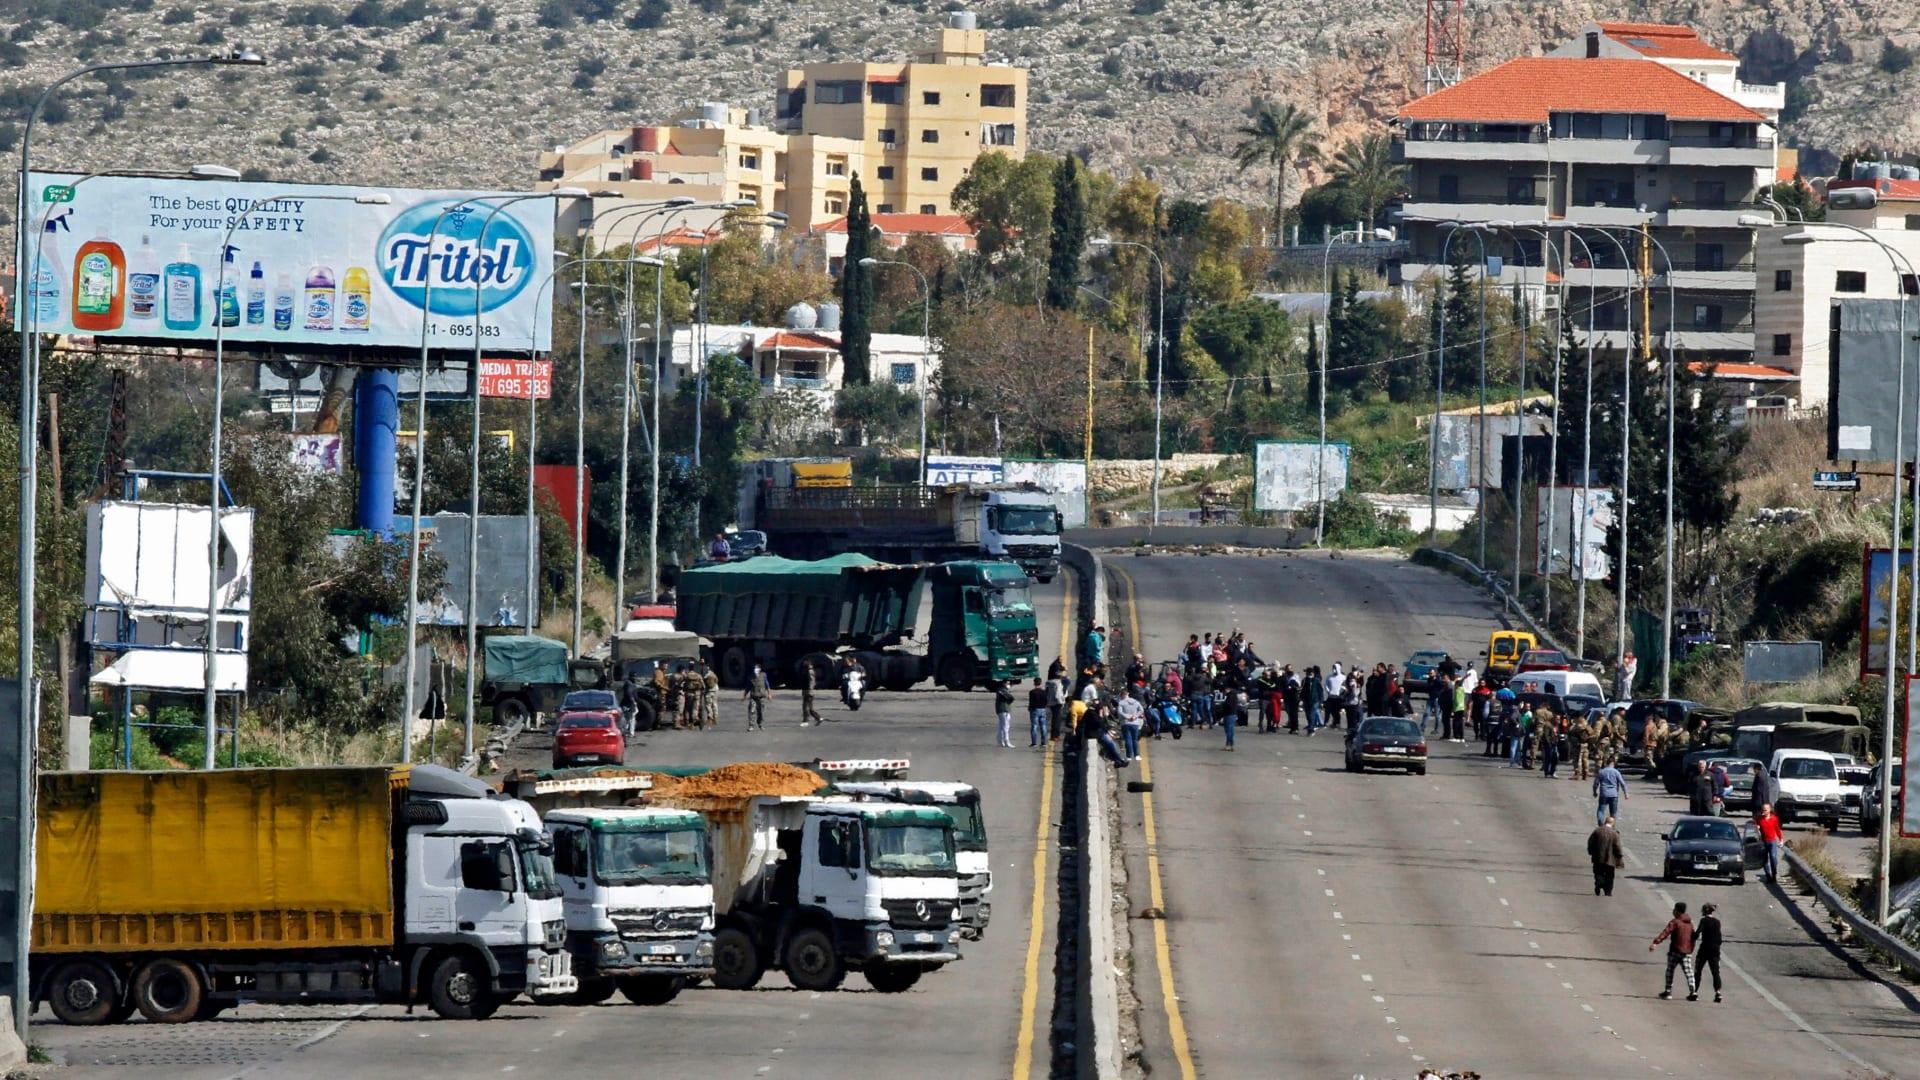 متظاهرون مناهضون للحكومة يغلقون طريقا سريعا في بلدة الجية جنوب العاصمة اللبنانية بيروت